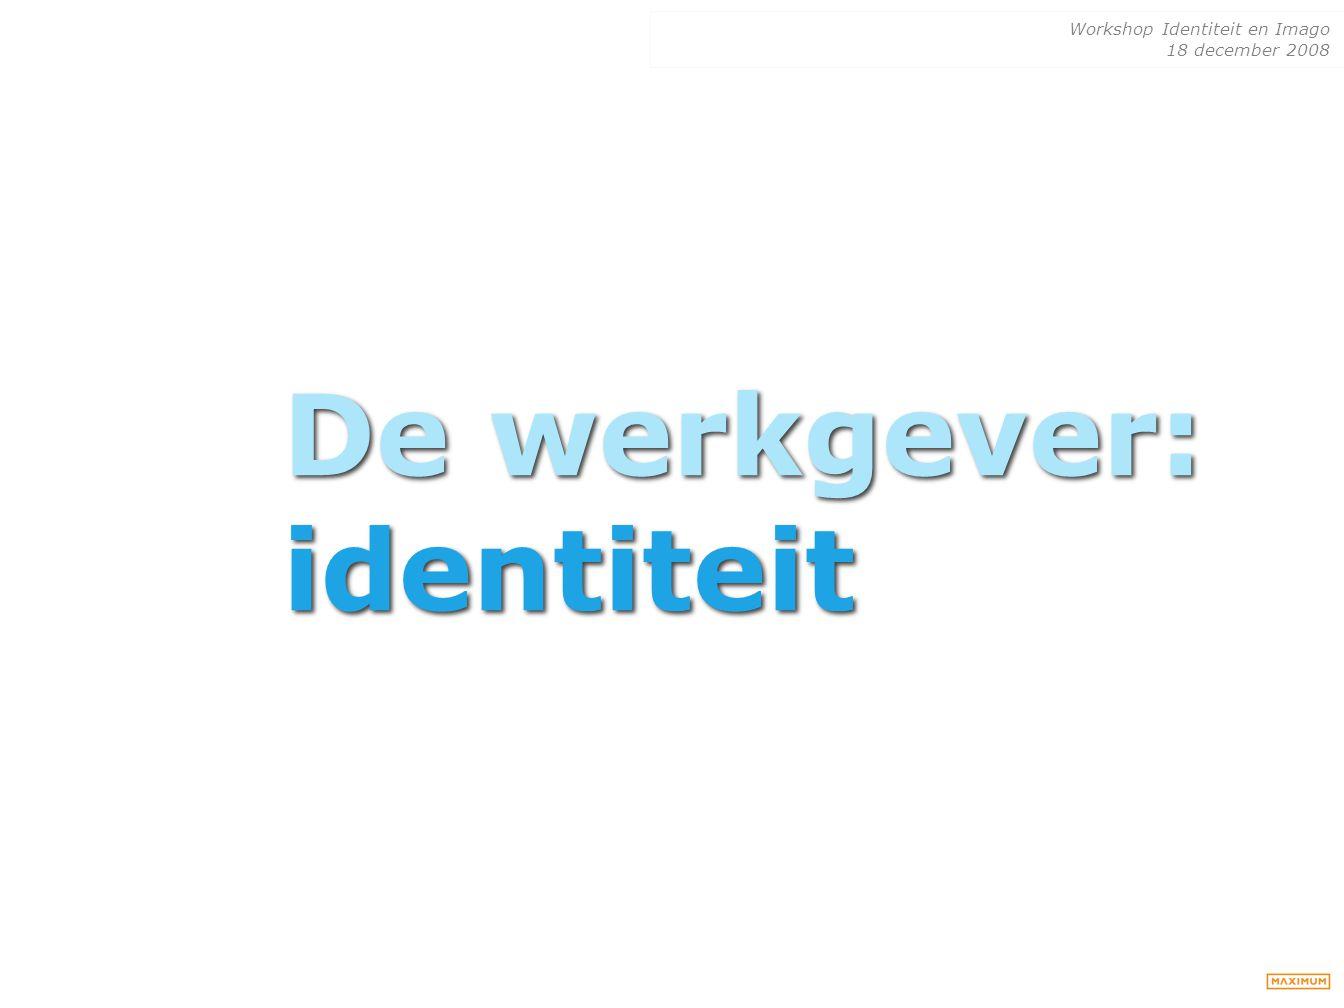 Workshop Identiteit en Imago 18 december 2008 De werkgever: identiteit